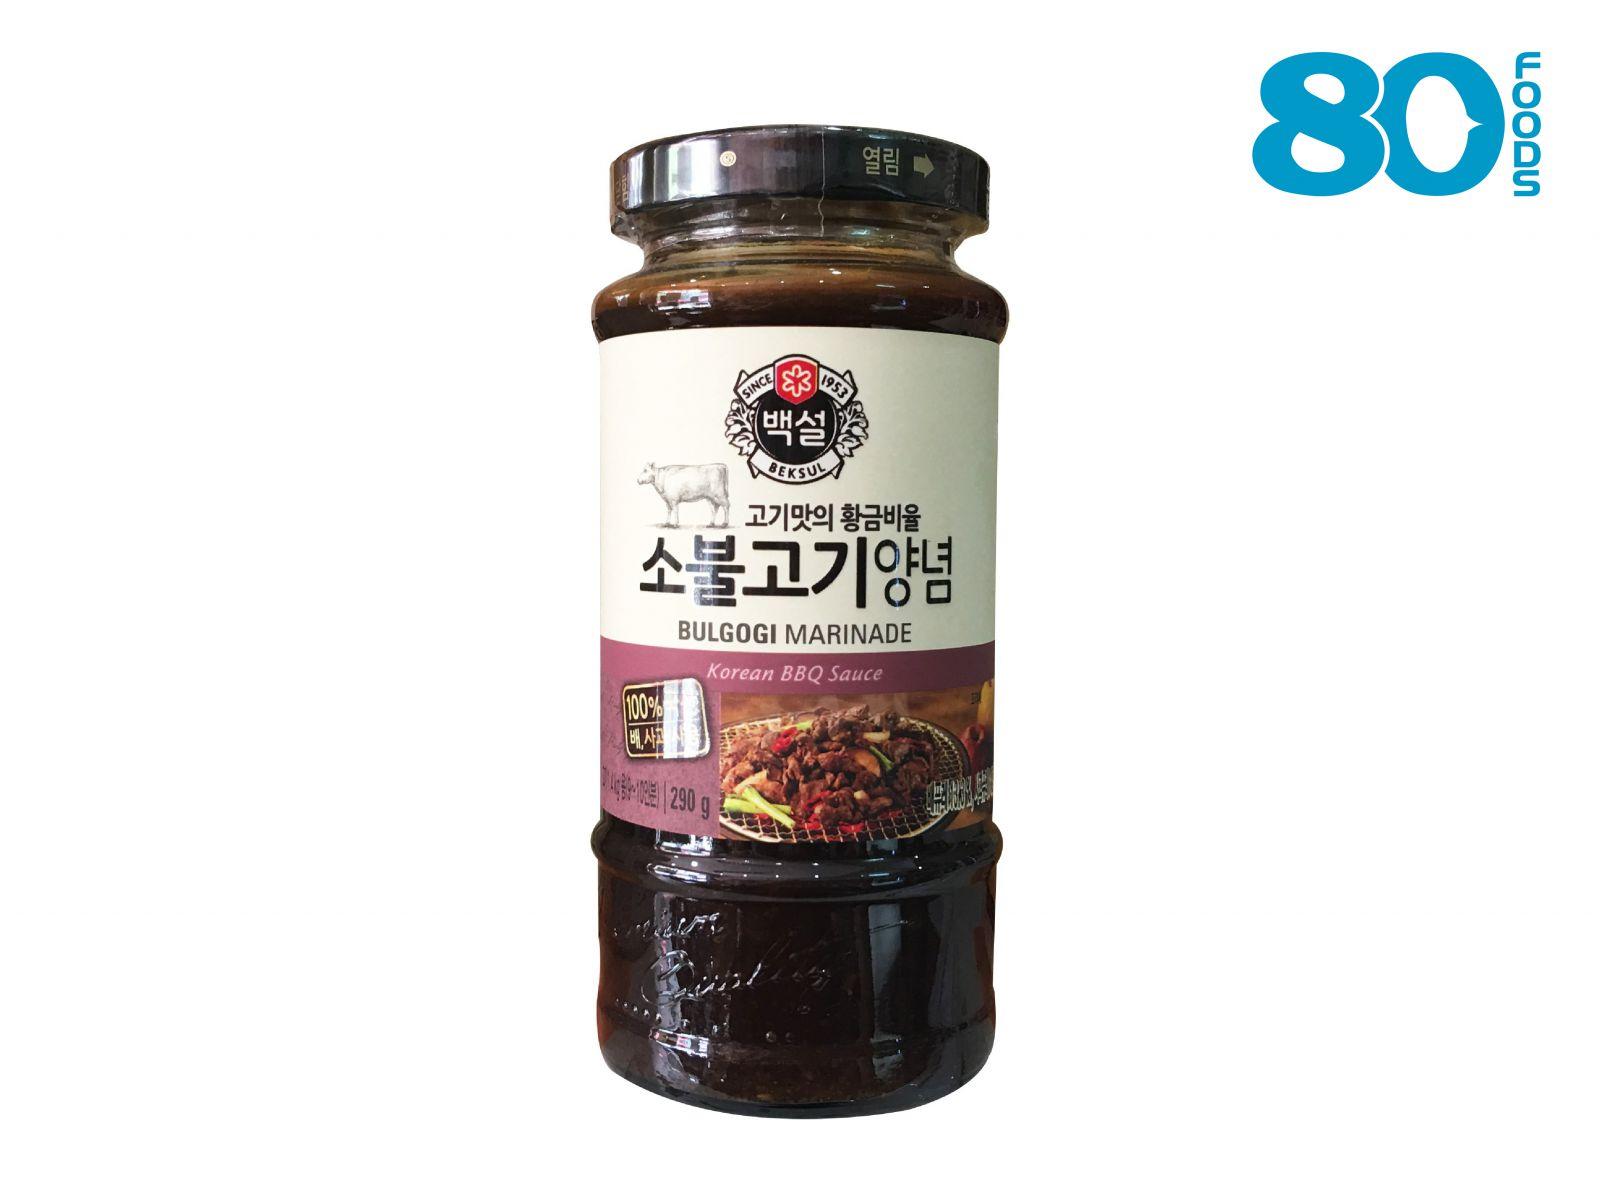 Sốt ướp BULGOGI bò Hàn Quốc